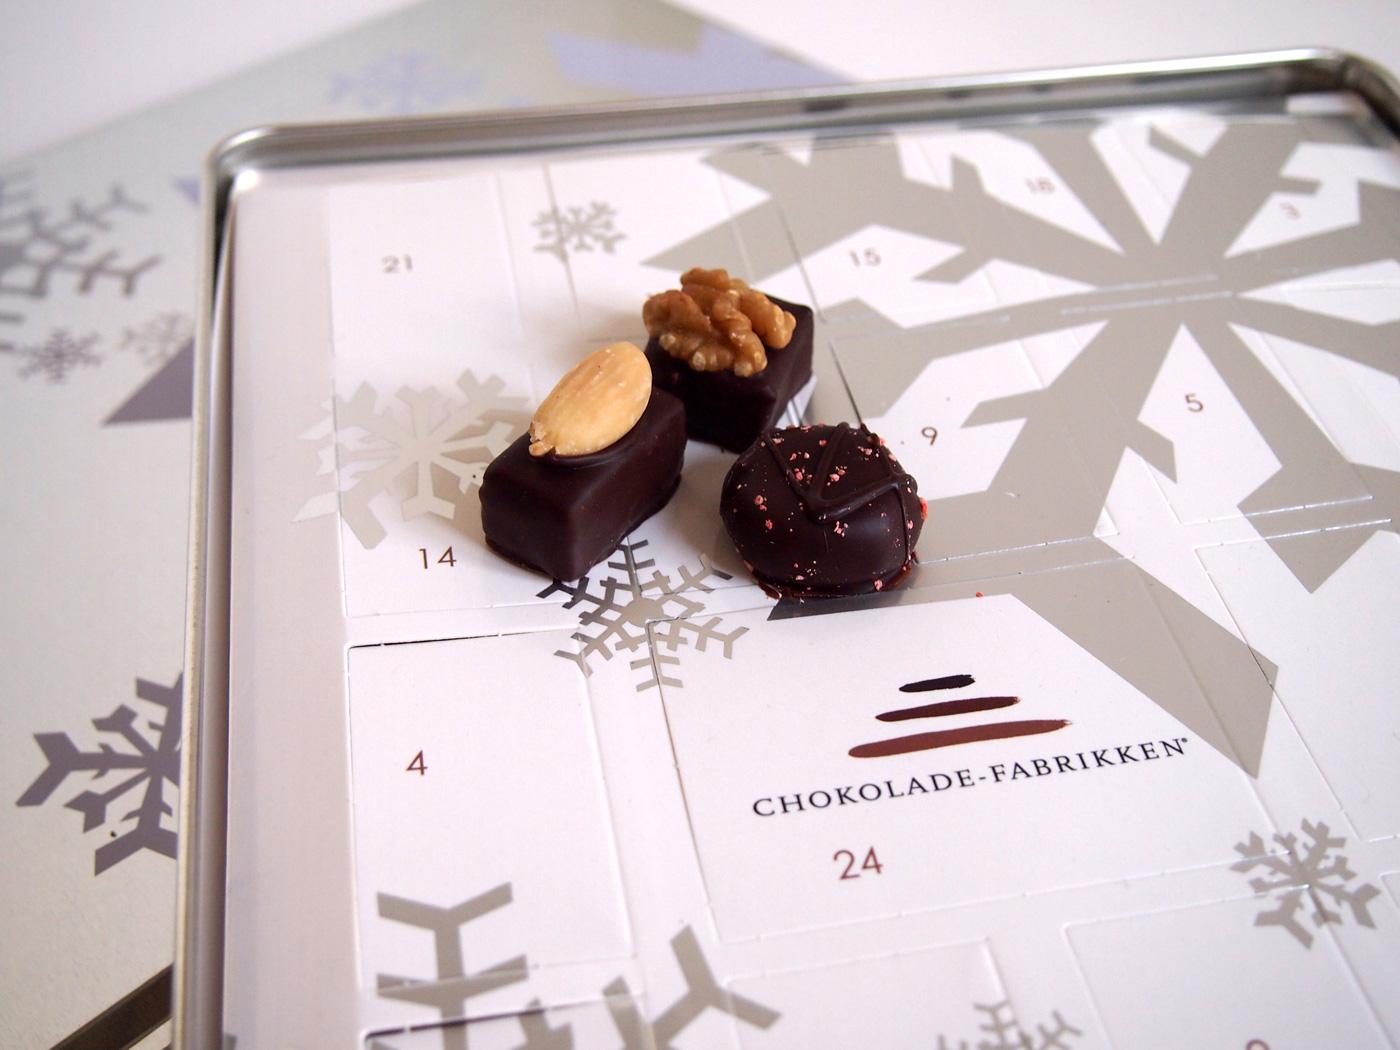 chokolade_fabrikken_daase_04